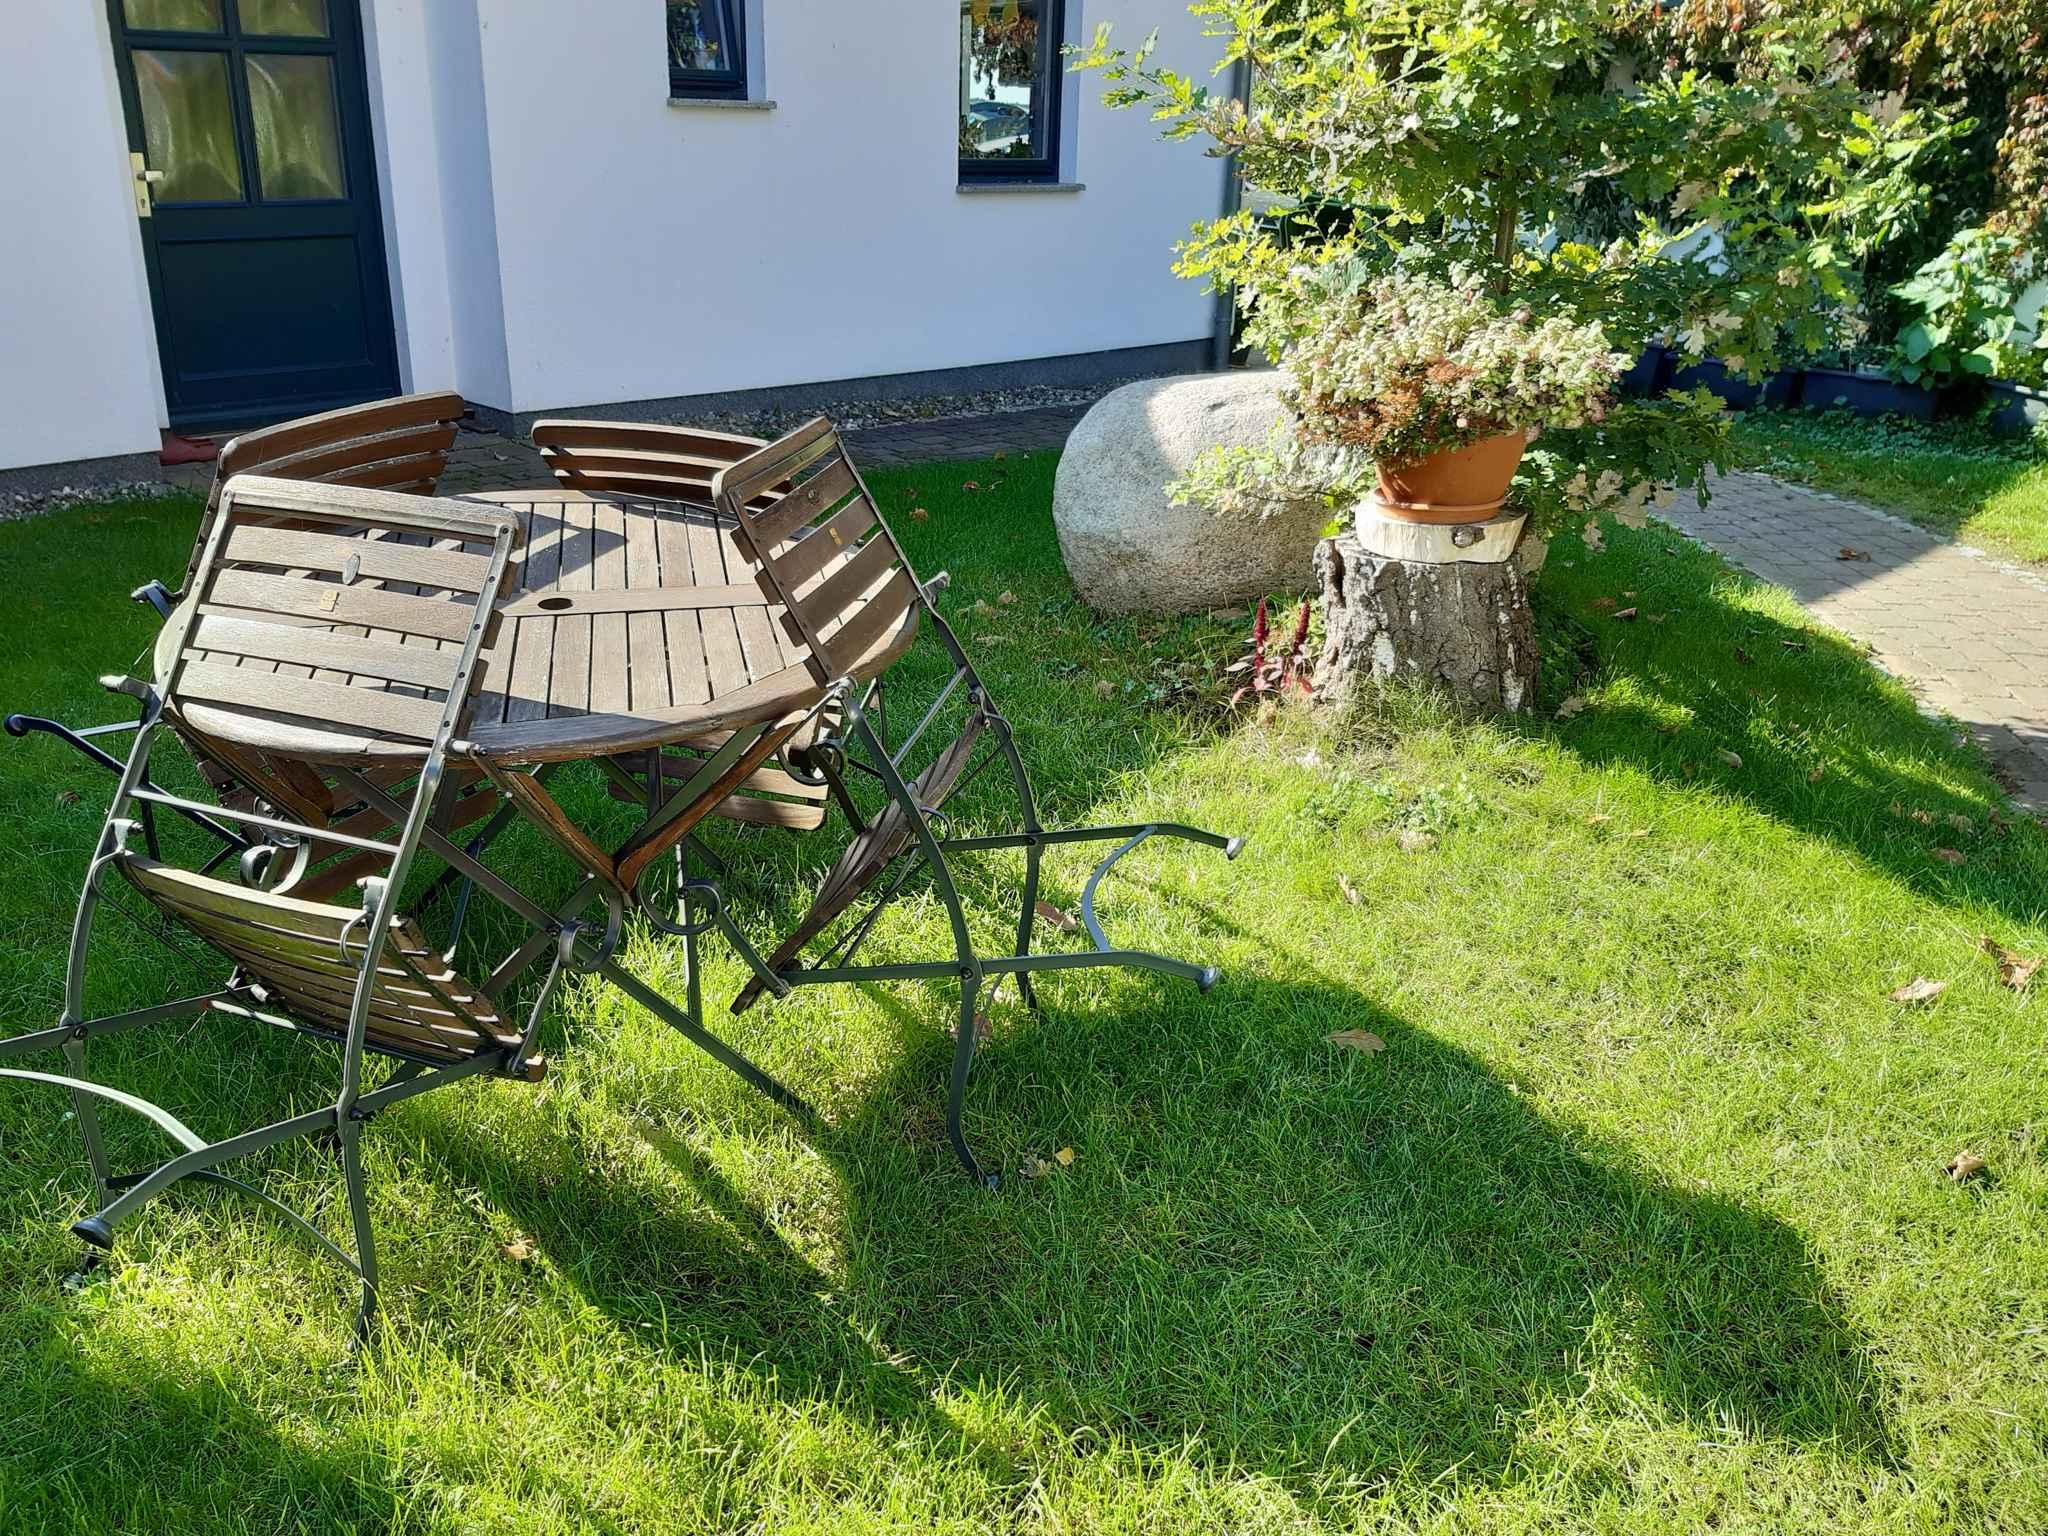 Ferienhaus mit Garten und Terrasse, 800 m zum Strand (314511), Gustow, Rügen, Mecklenburg-Vorpommern, Deutschland, Bild 9